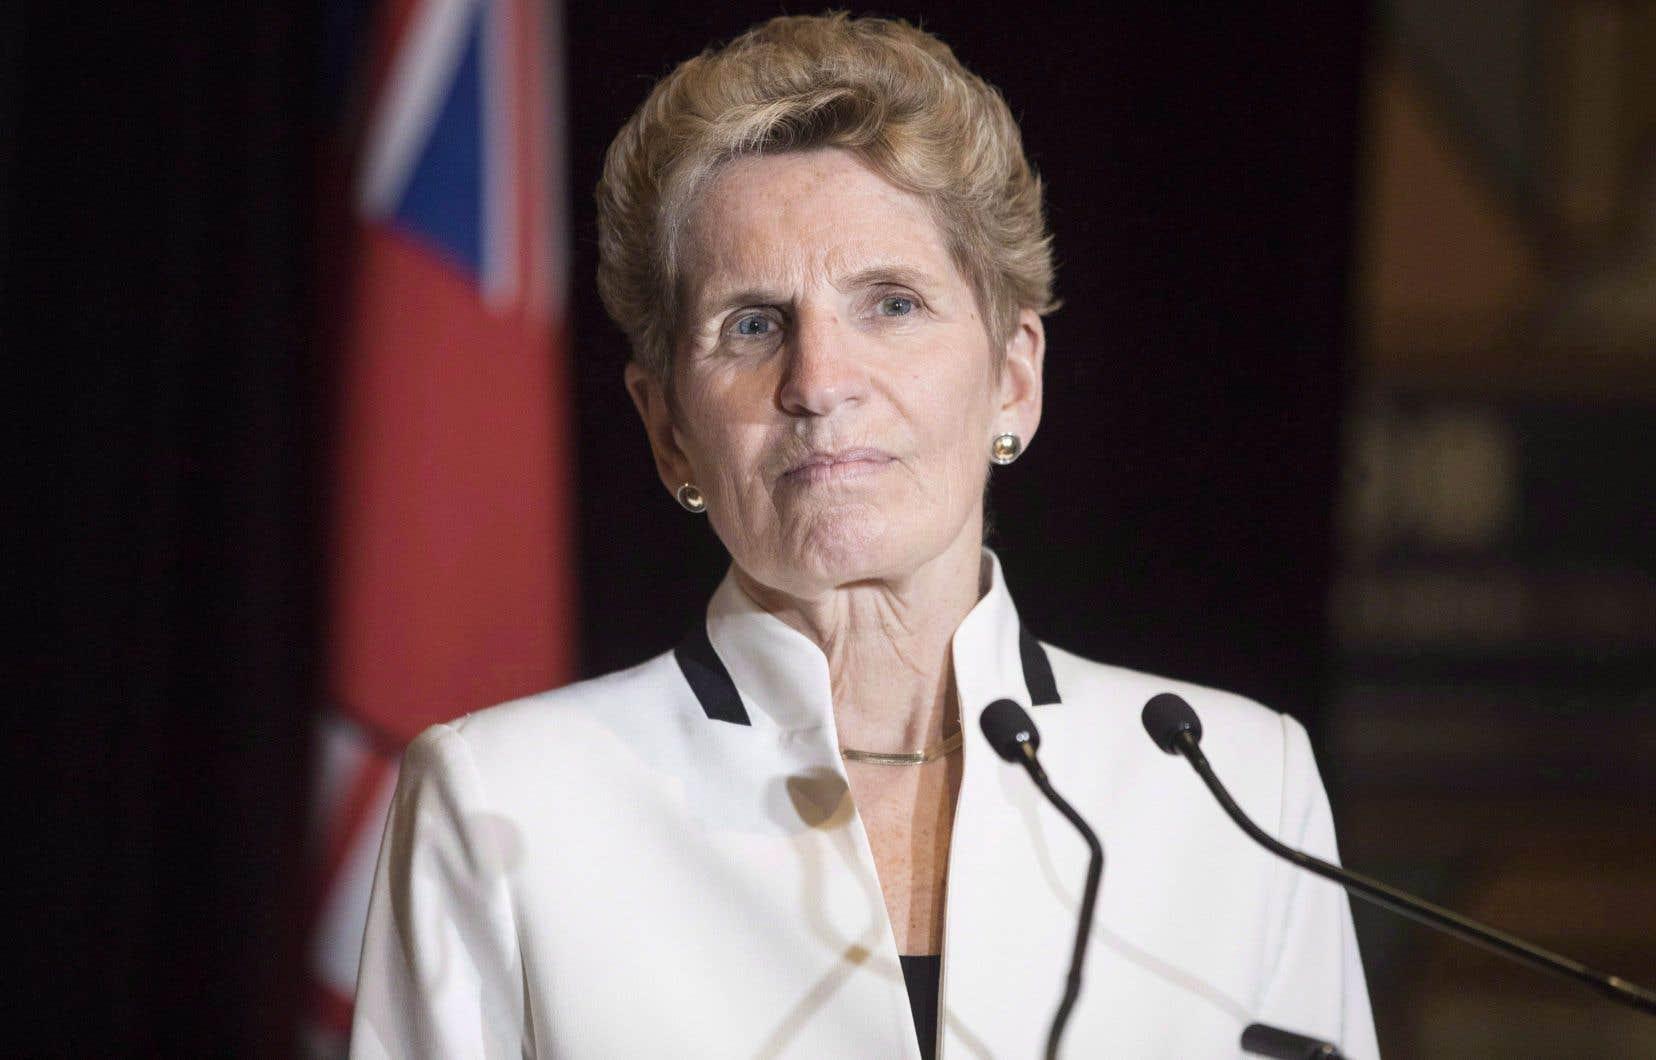 La première ministre de l'Ontario, Kathleen Wynne, exhorte Tim Hortons à s'en prendre à elle plutôt qu'aux employés.